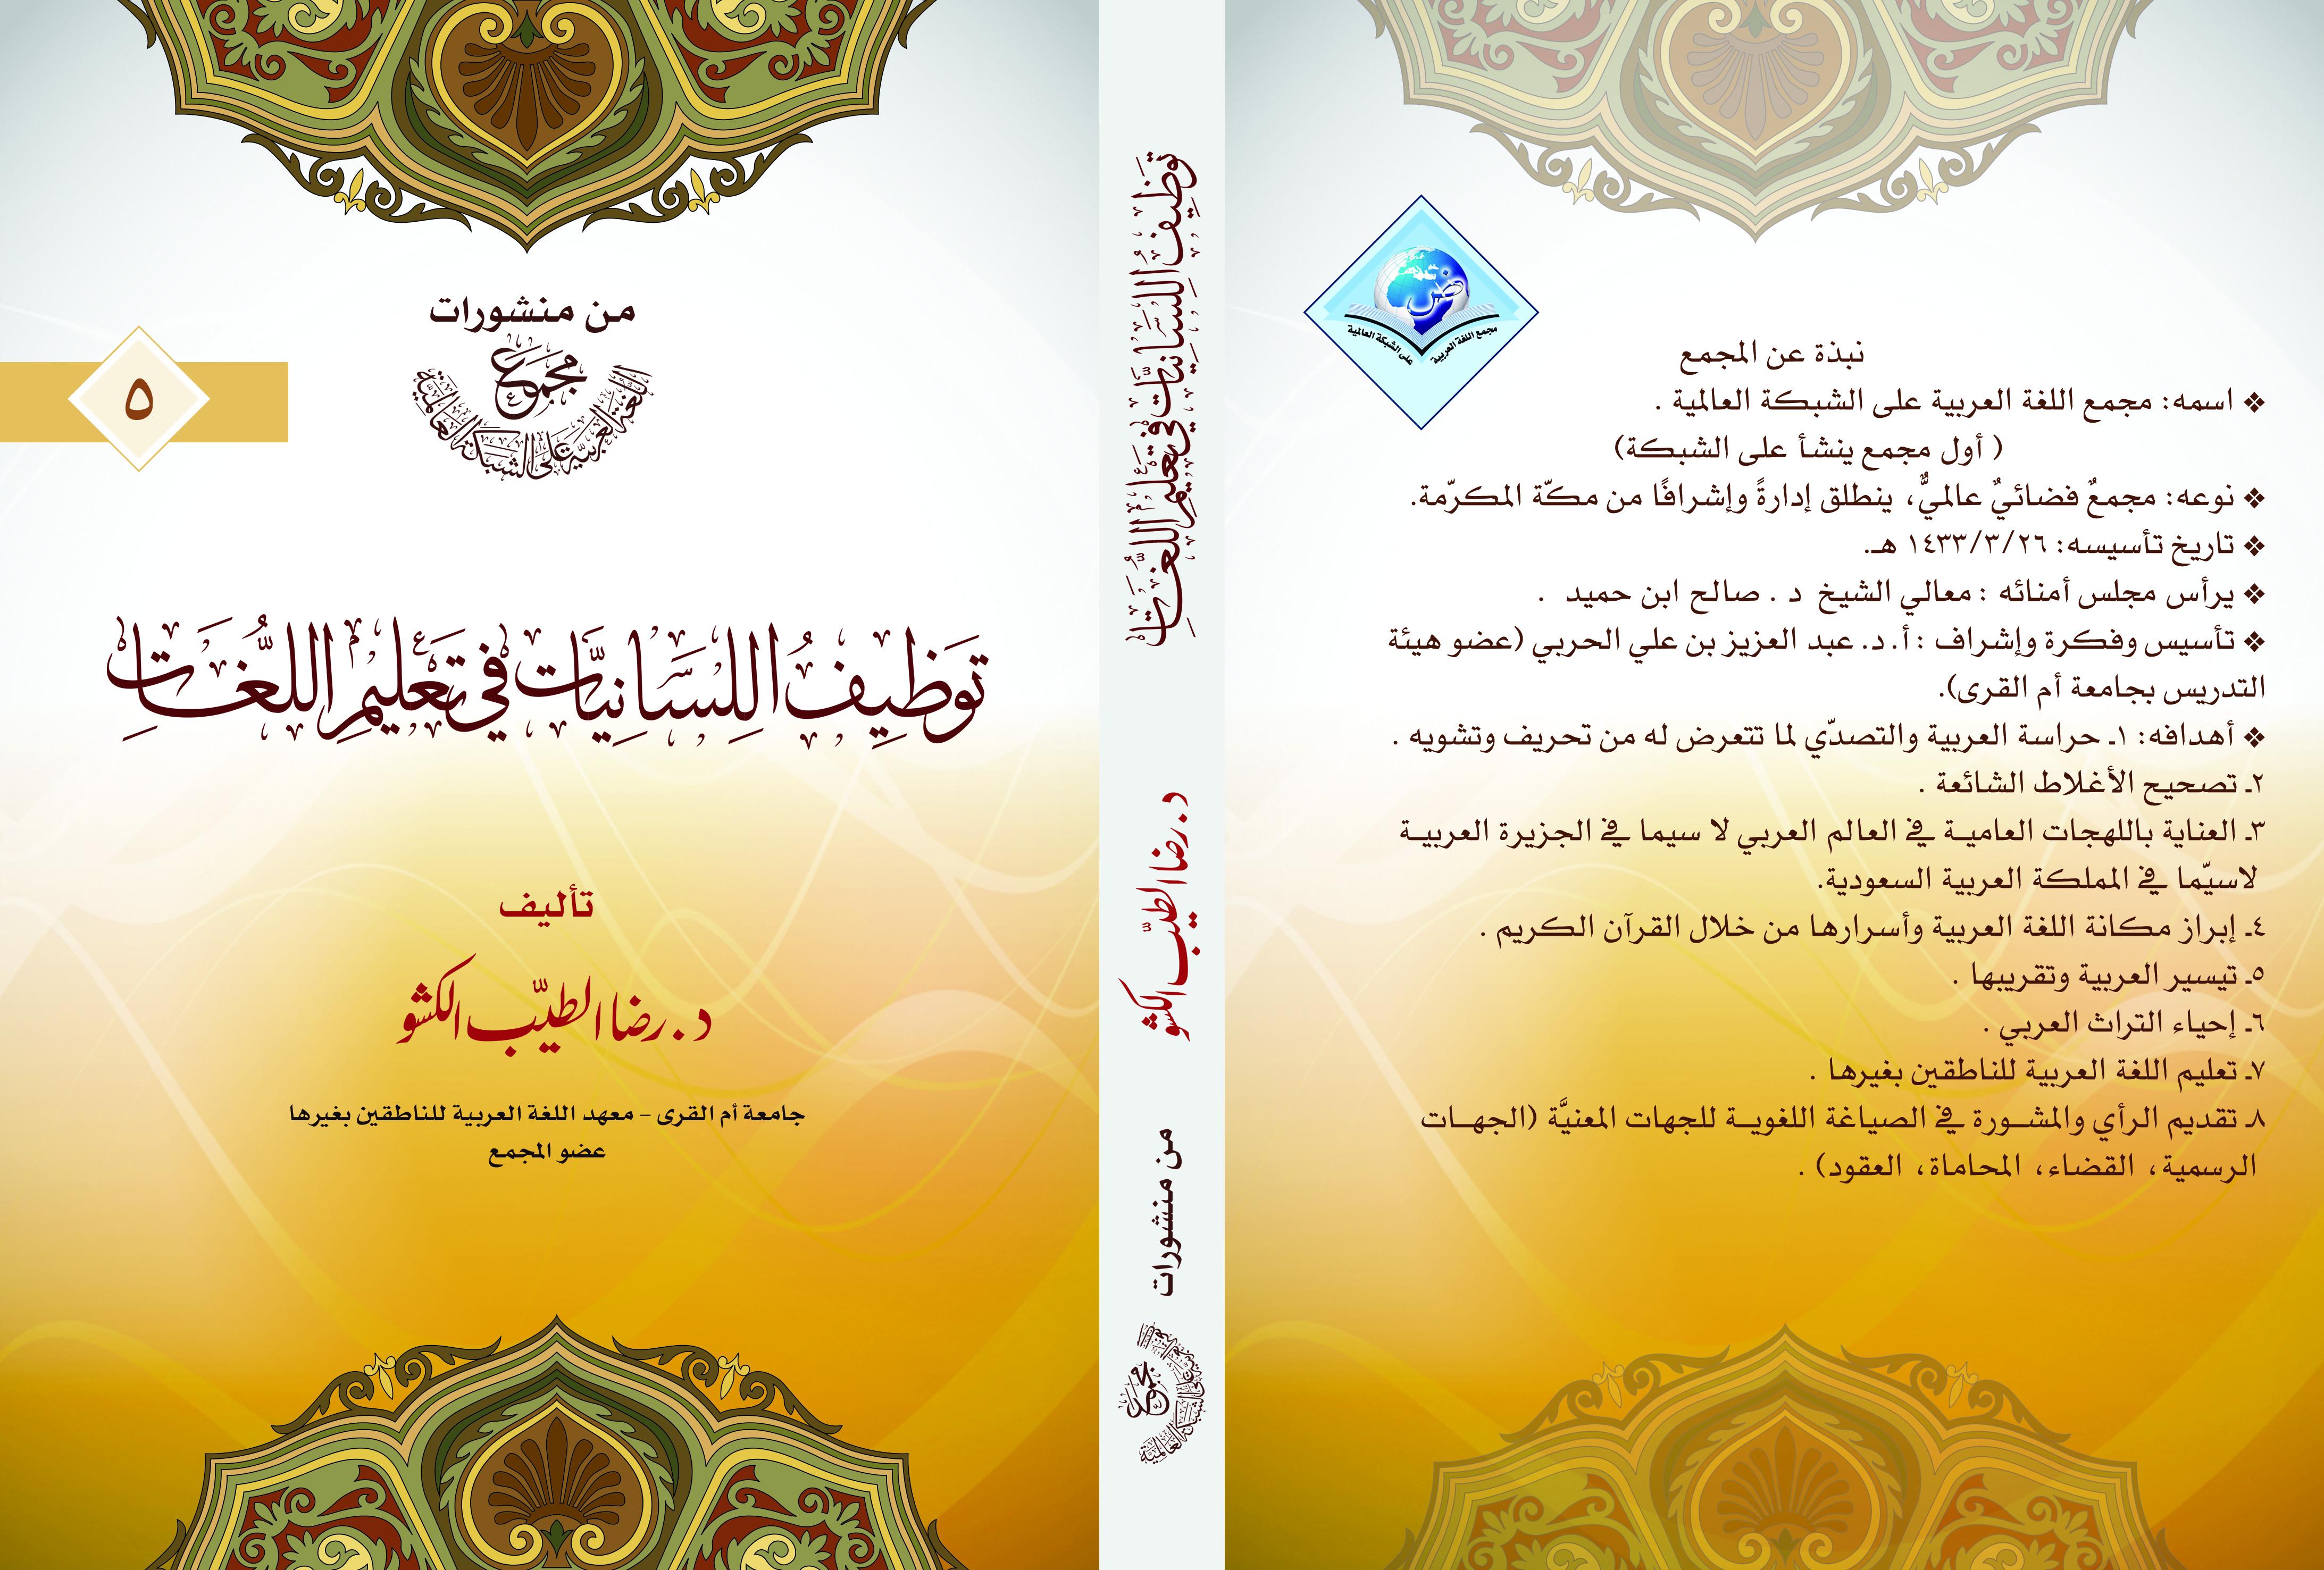 غلاف كتاب توظيف اللسانيات في تعليم اللغات 8 دقة 300